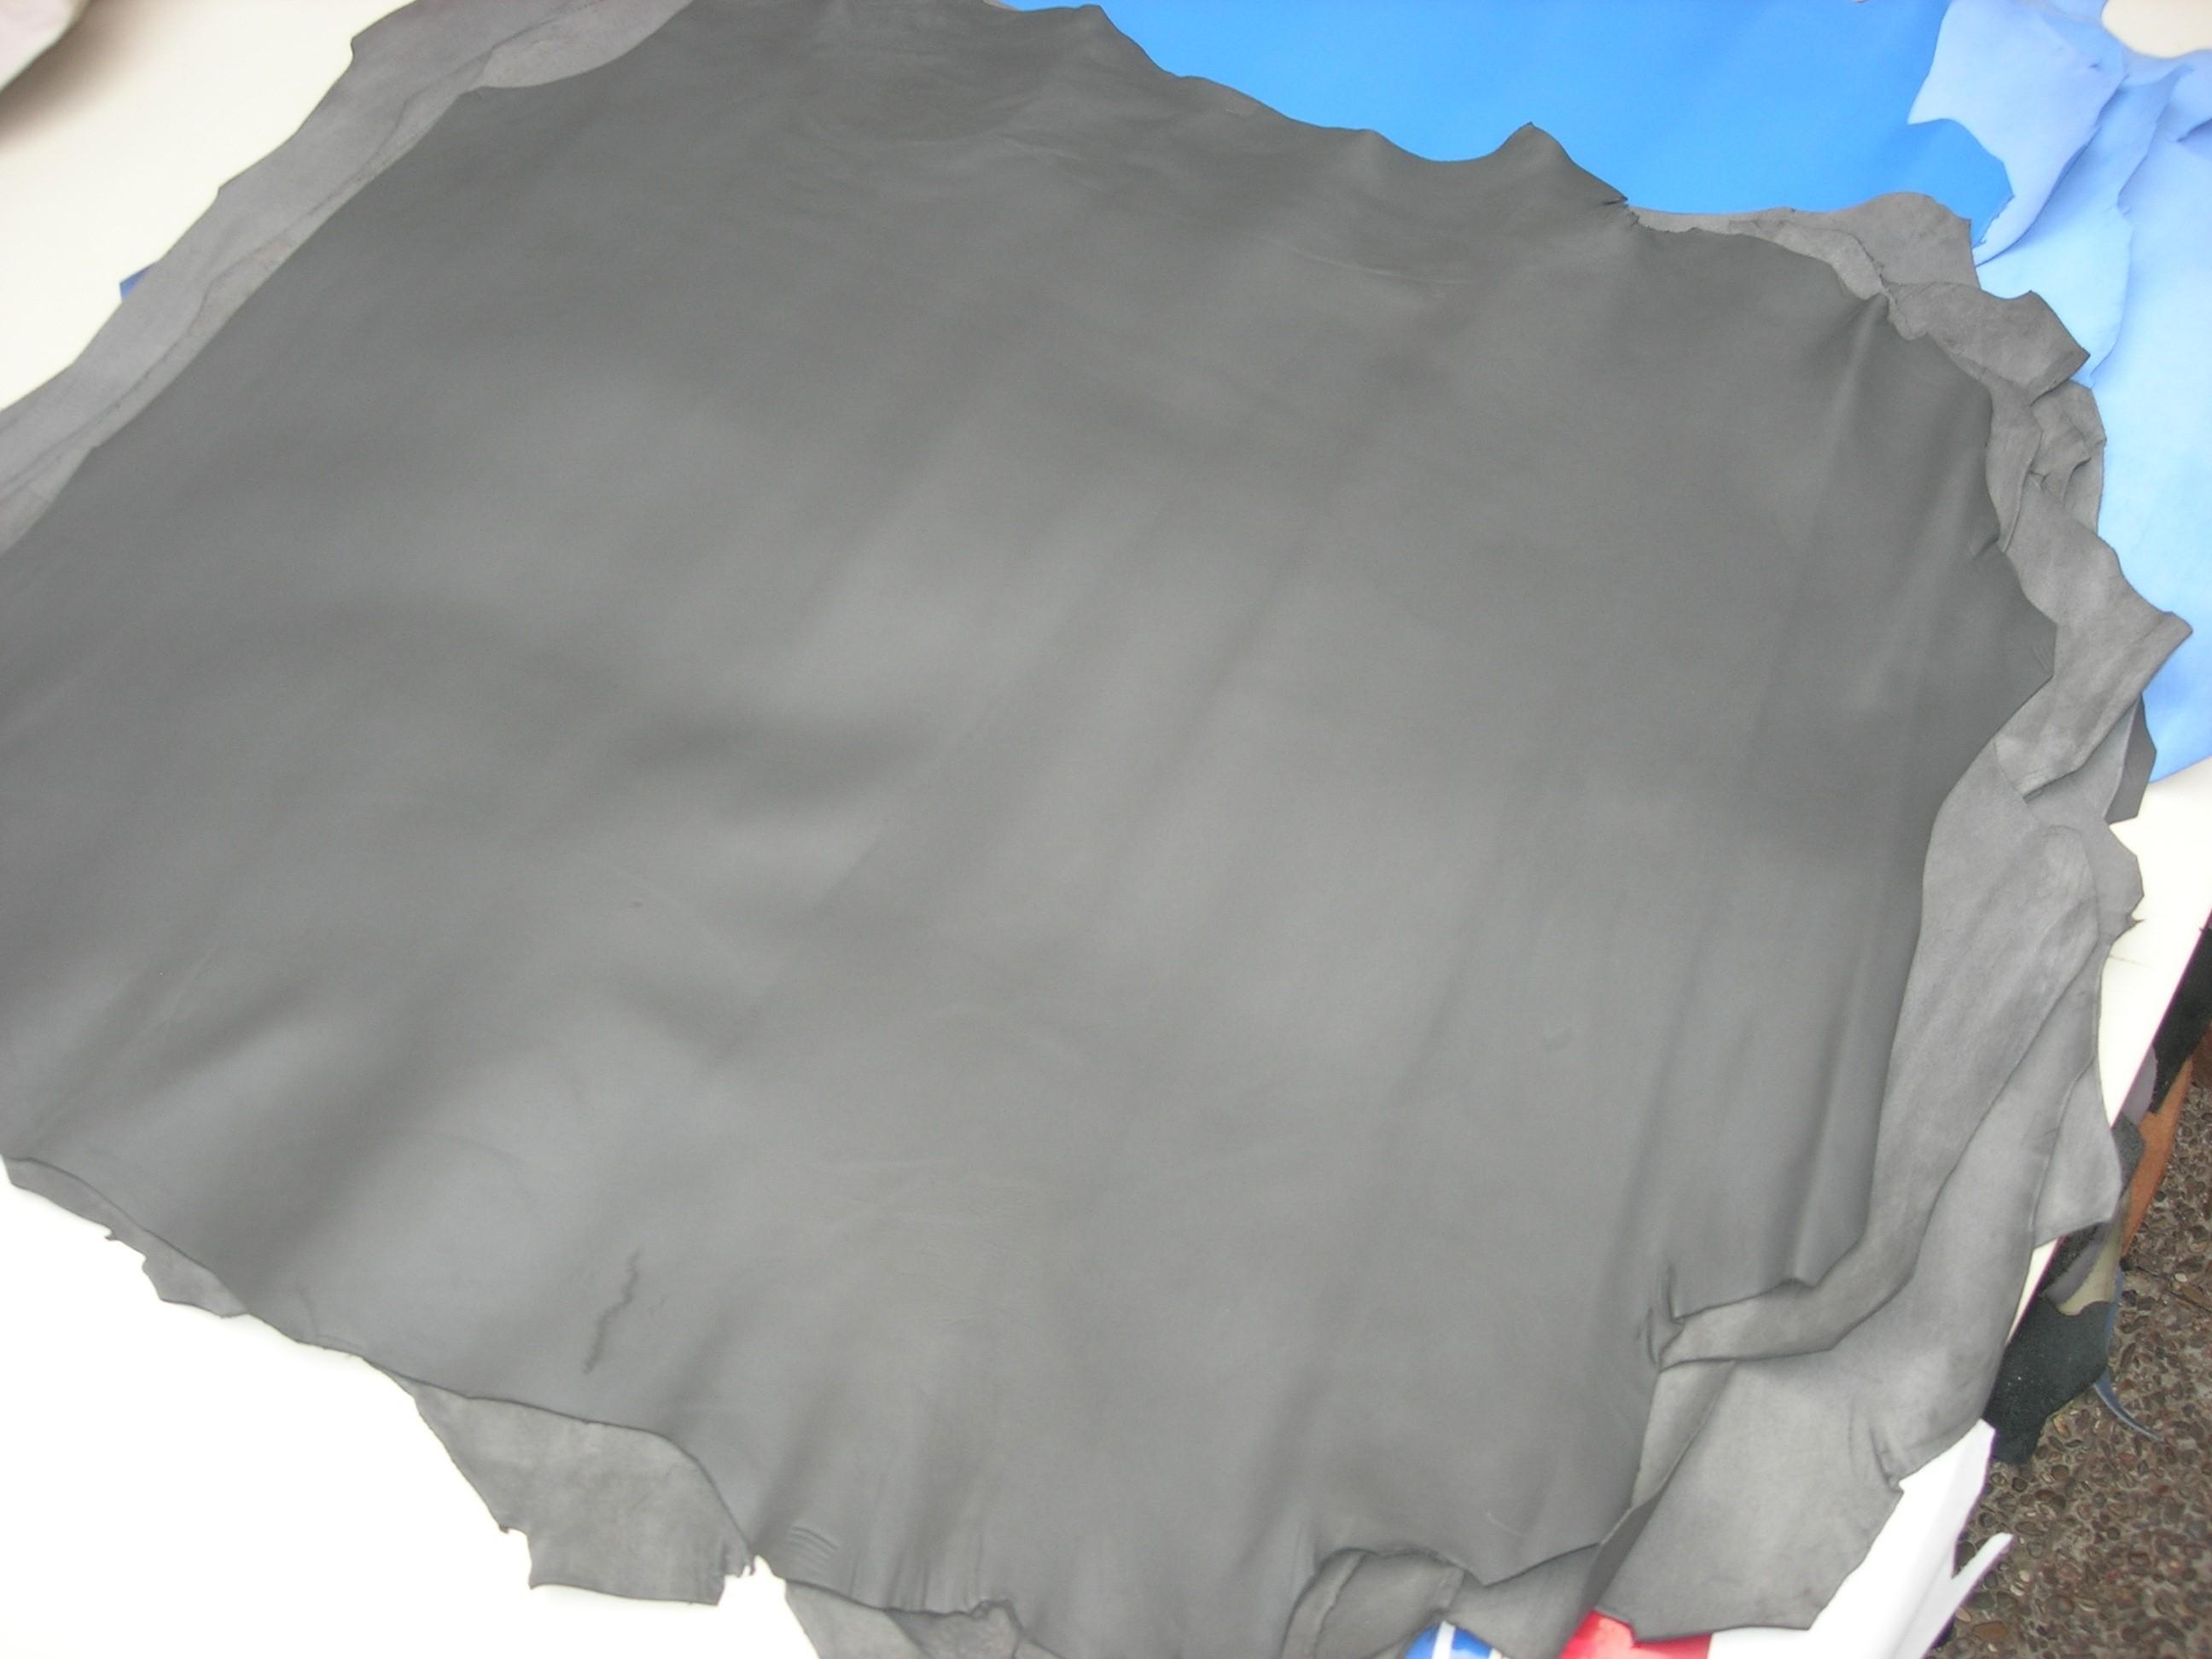 Chevretten dunkelgrau (O1813KCDG) 0,7 mm